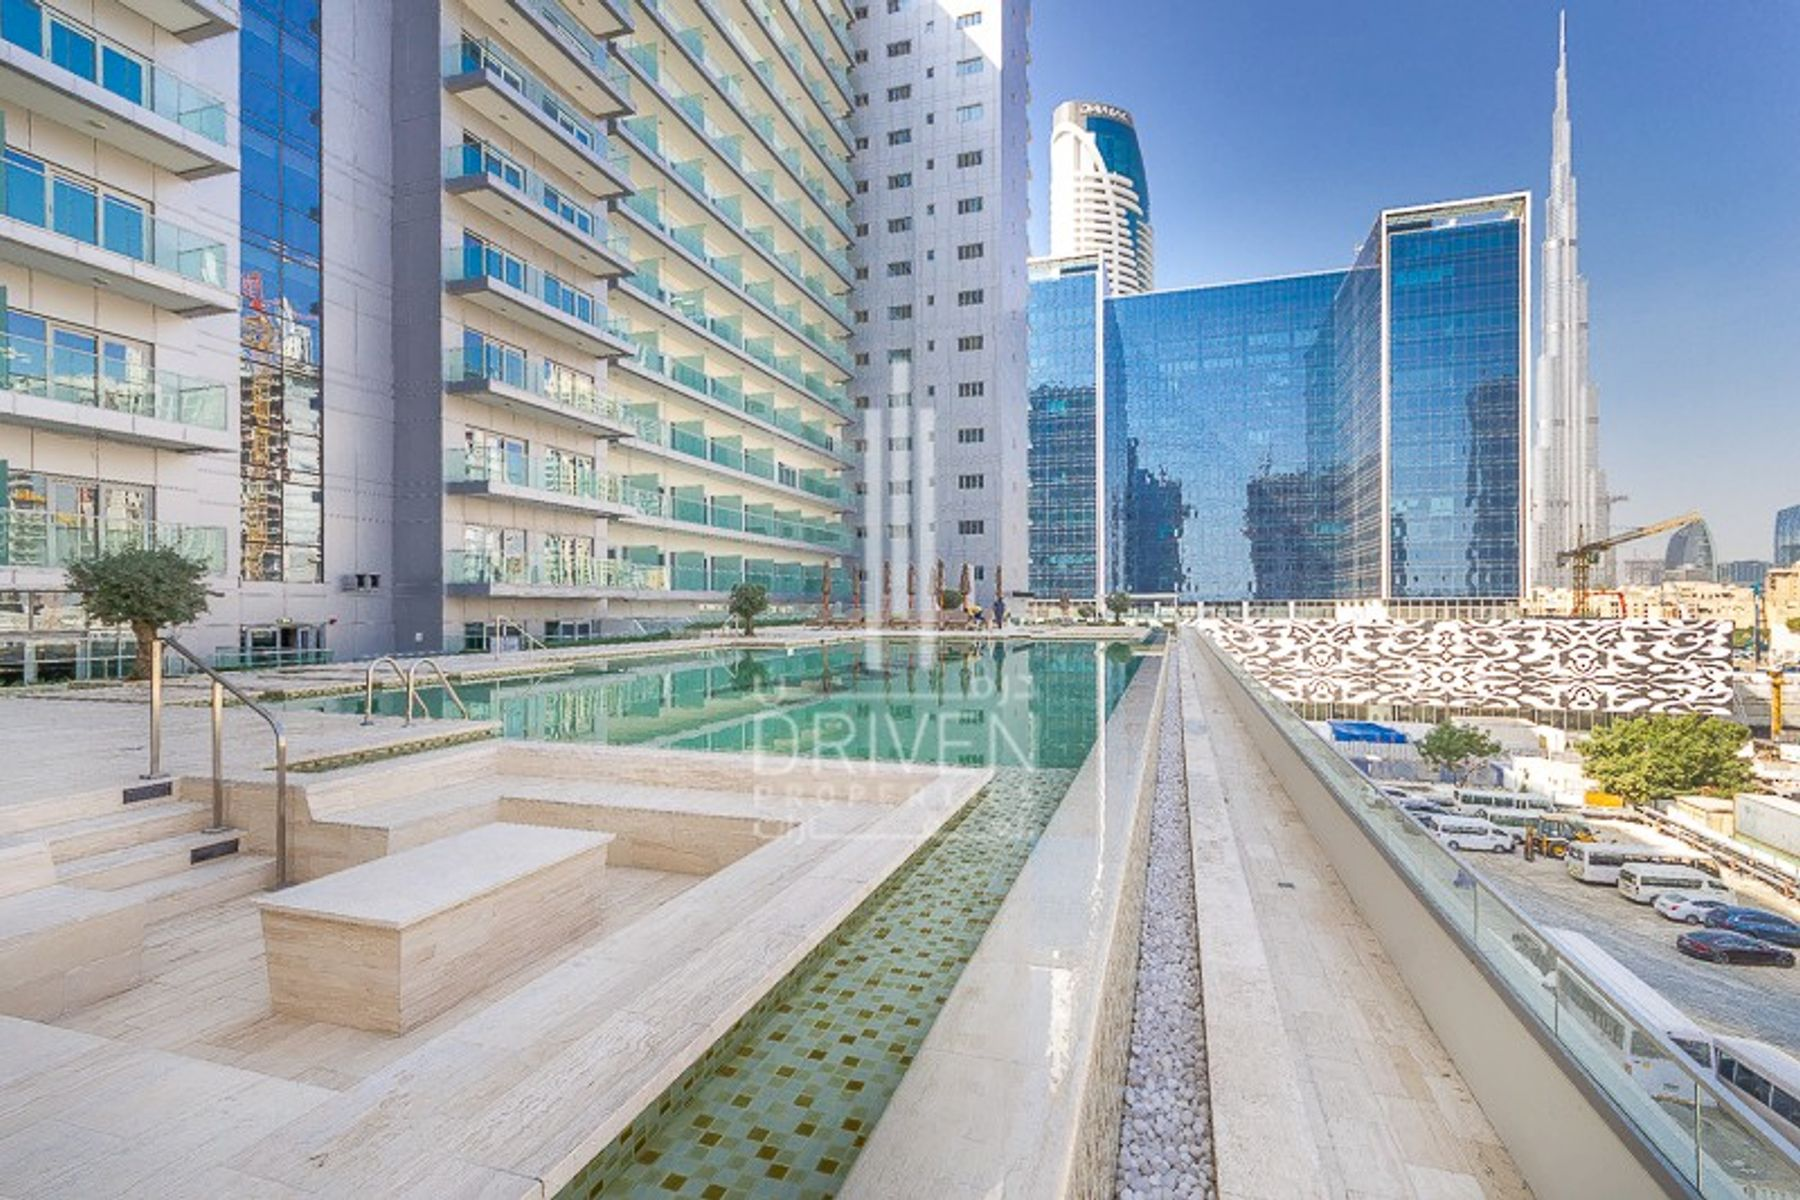 للايجار - شقة - داماك ماجستين - الخليج التجاري